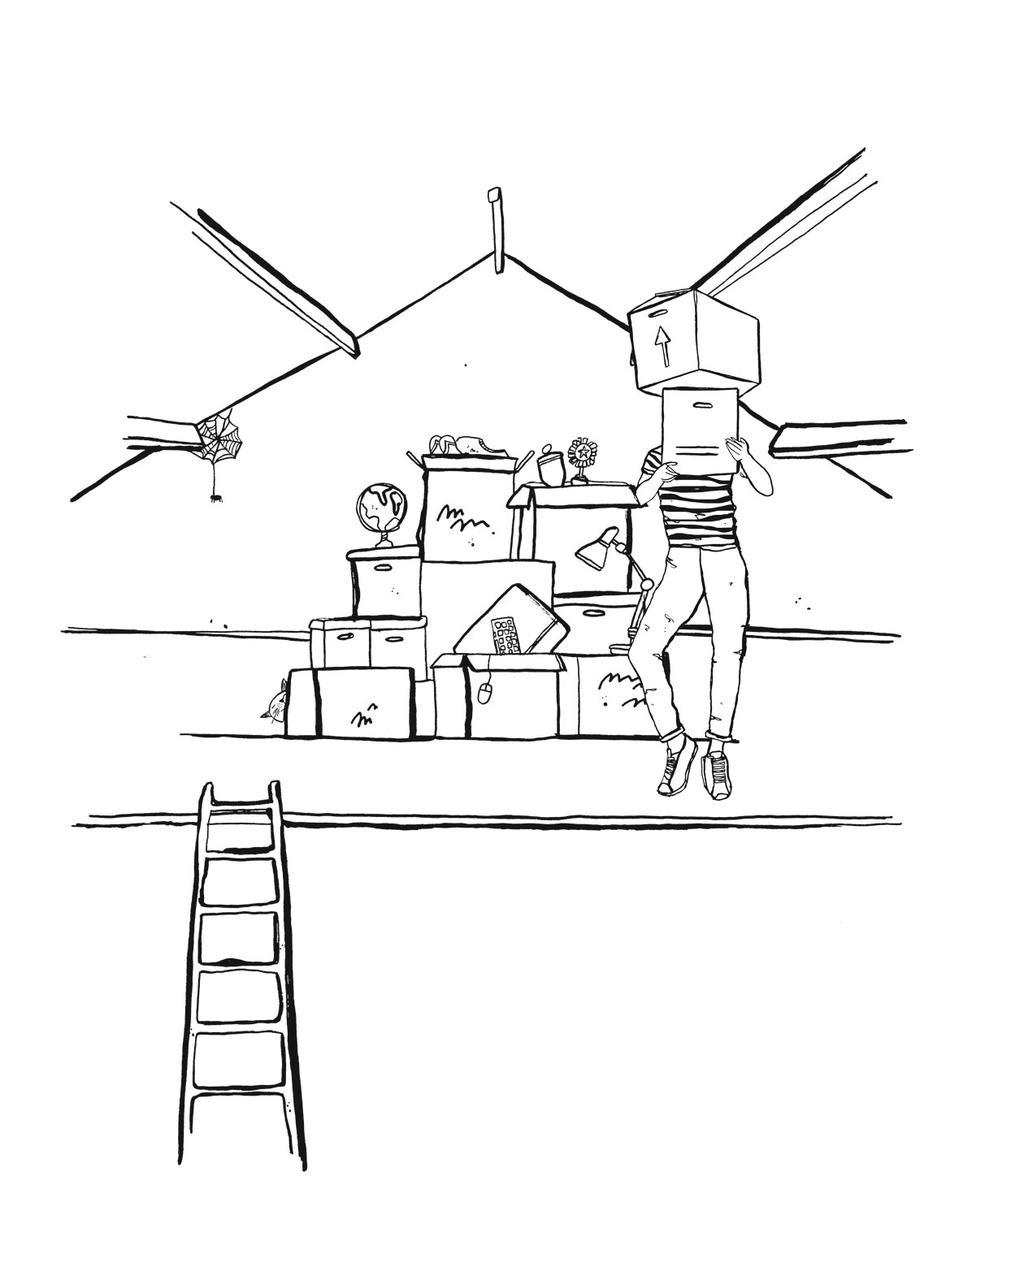 vtwonen-dossier-zolder-verbouwen-verbouwing-rommelzolder